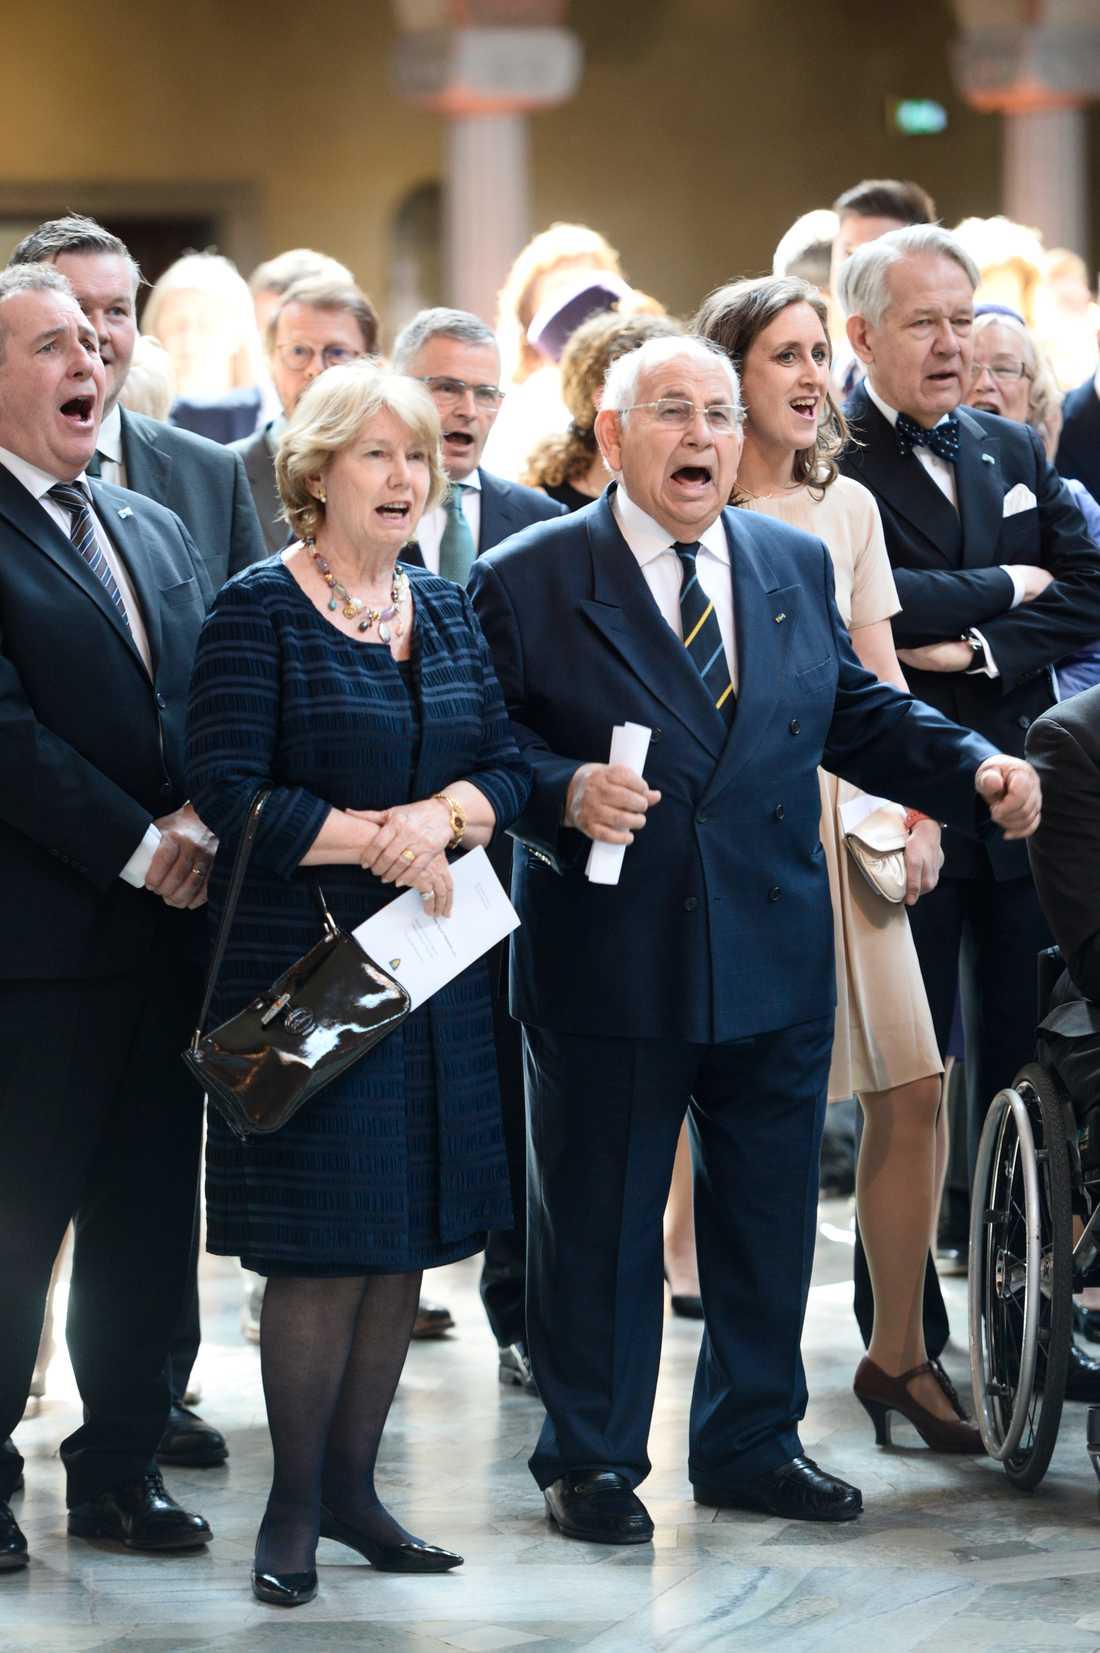 Prinsessan Majda tillsammans med sin make, prins Raad bin Zeid, vid kung Carl Gustafs 70-årsdag 2016.